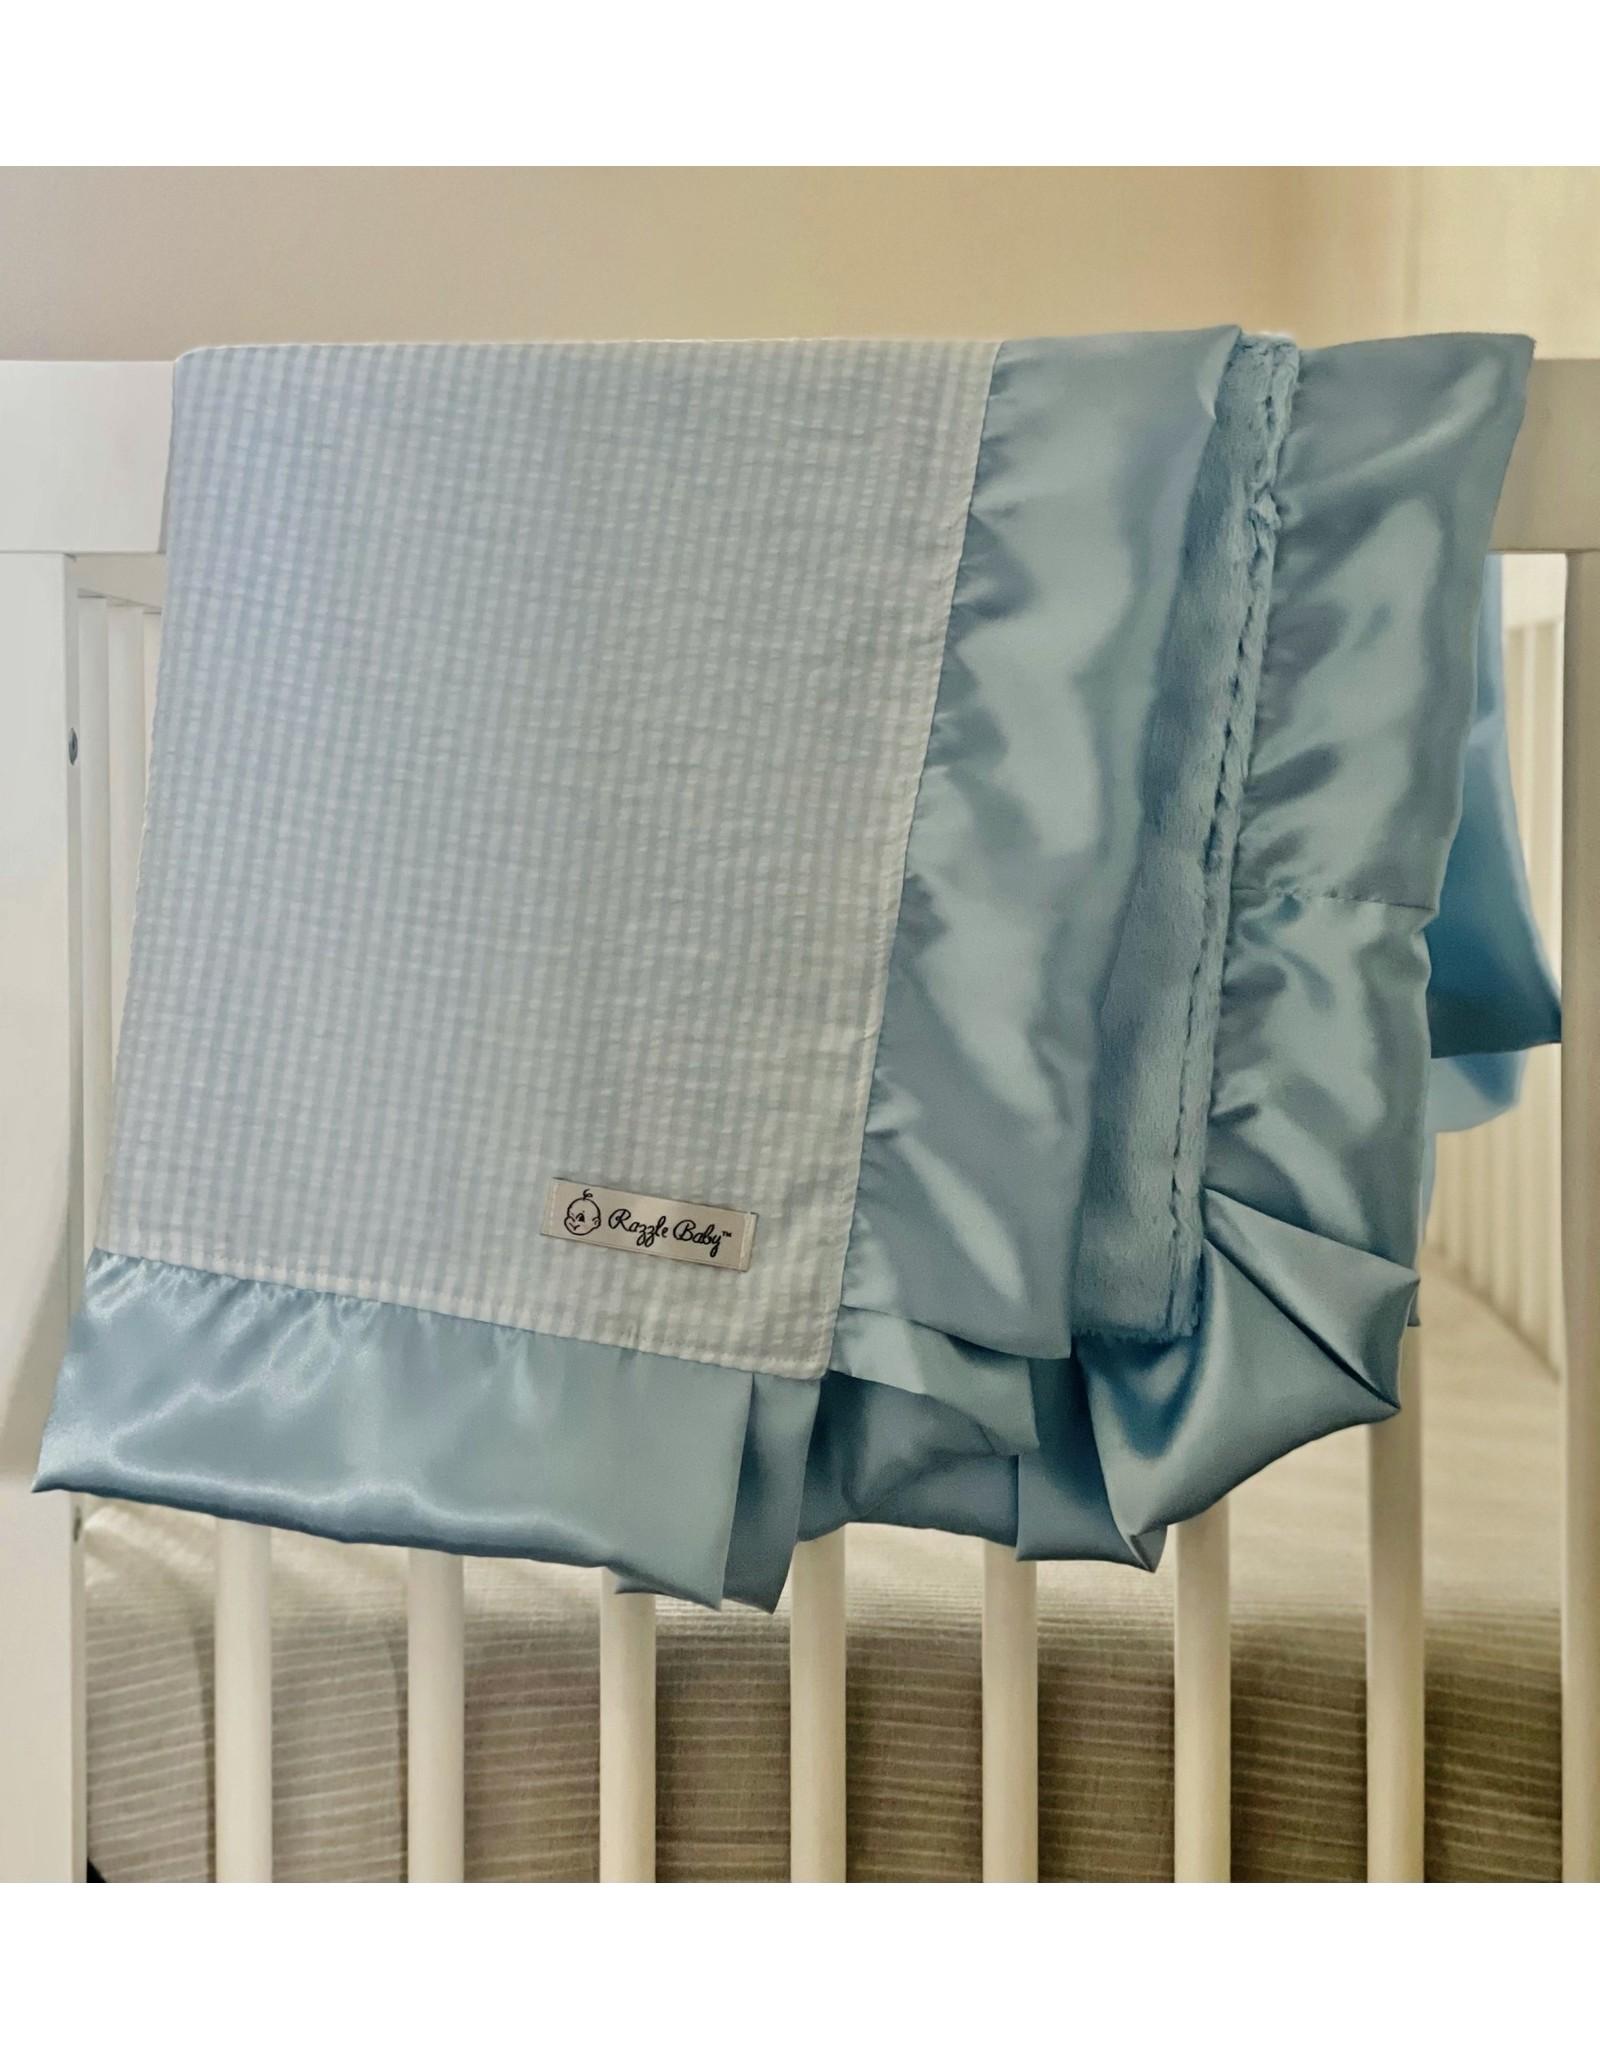 Razzle Baby- Double Plush Blue Seersucker Blanket